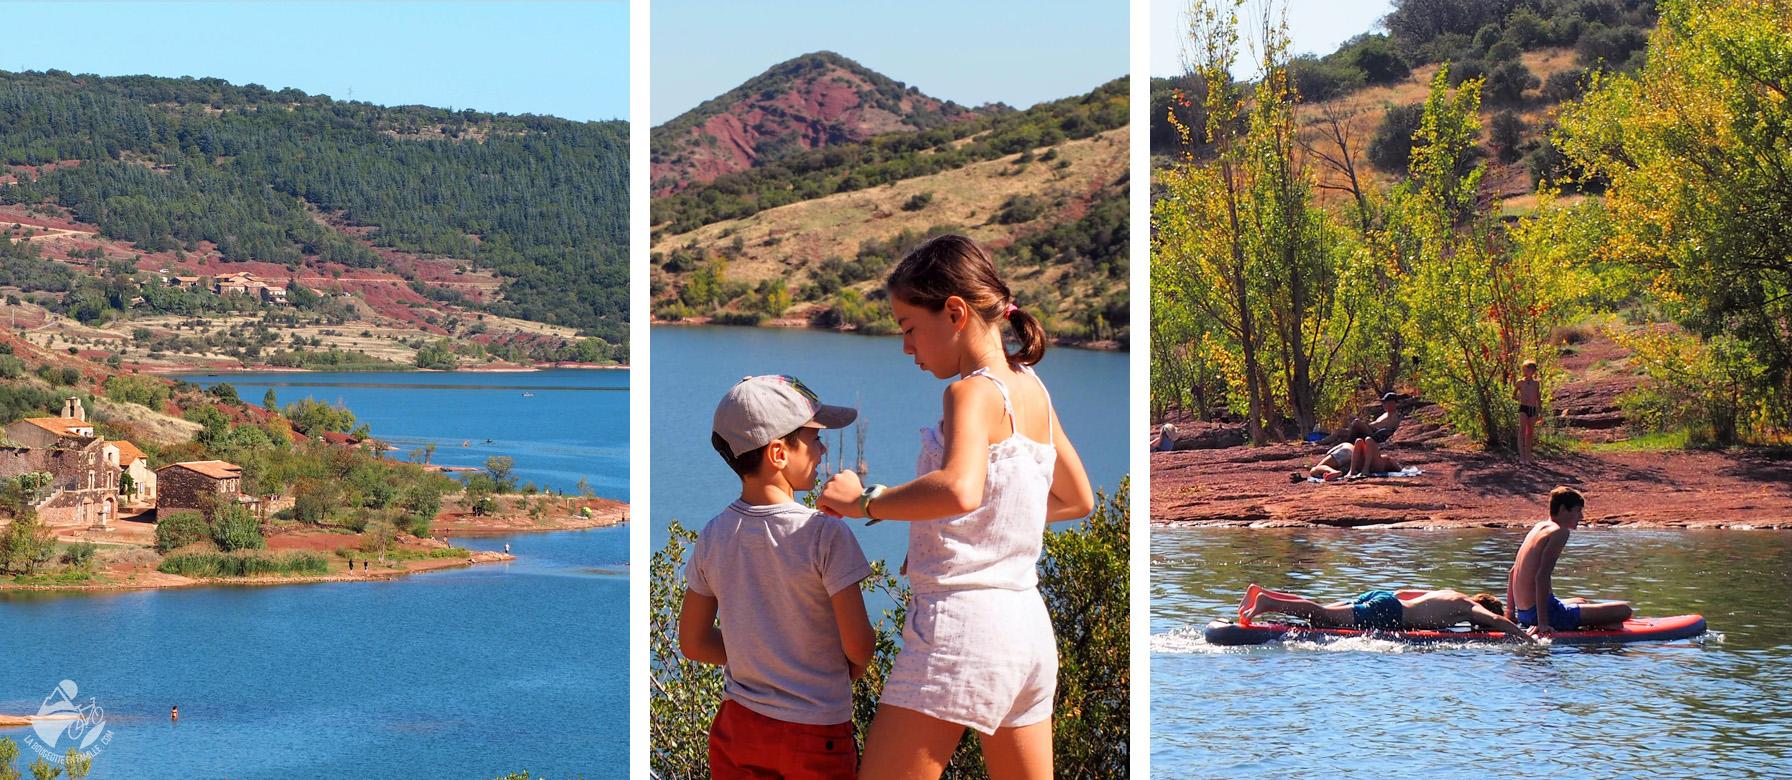 lac salagou, enfant, terre rouge, ruffe, hérault, occitanie